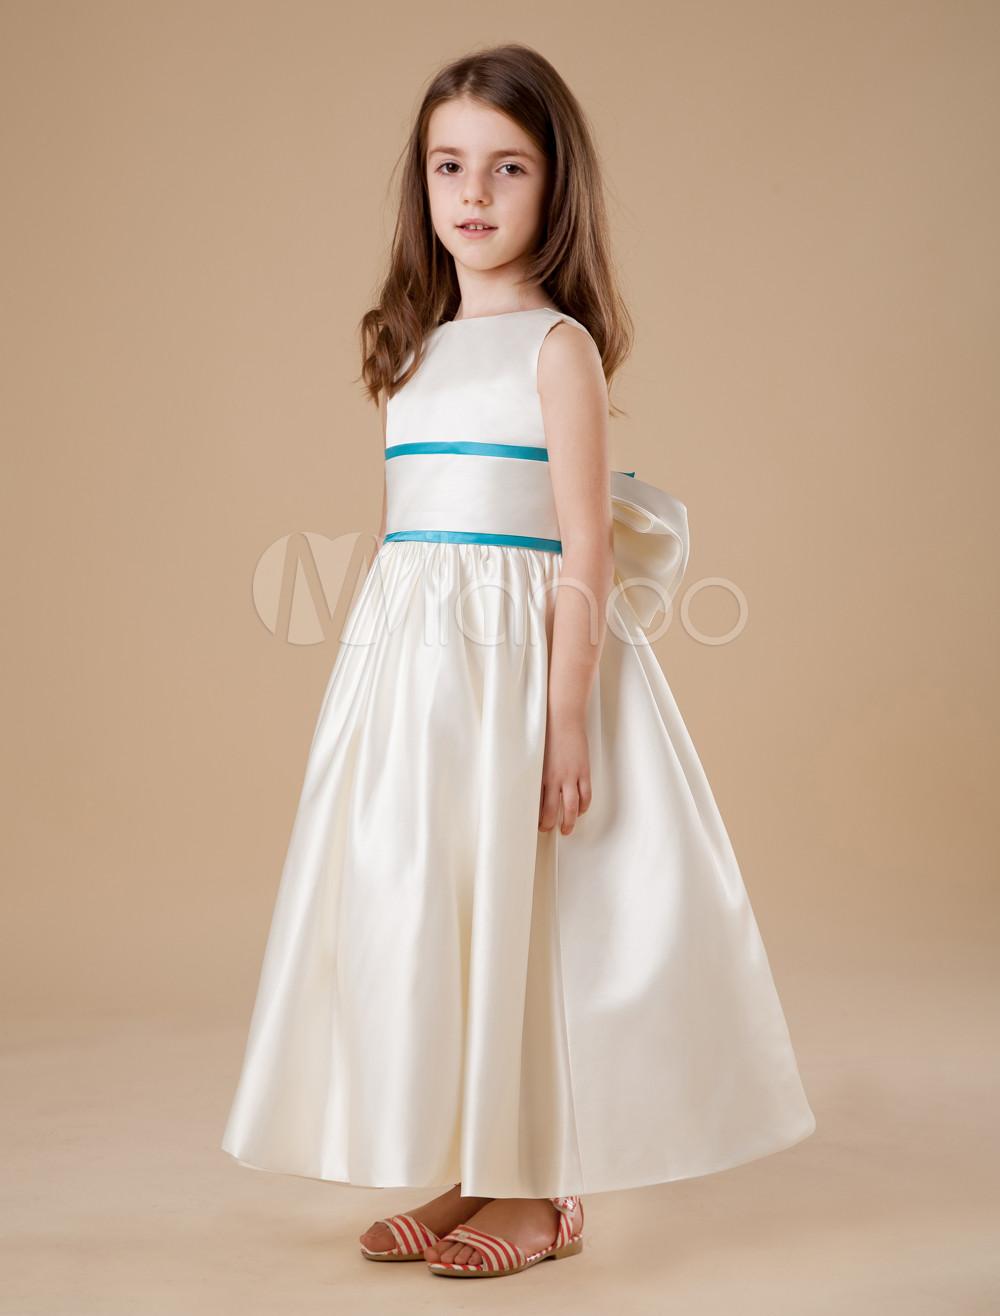 Buy Modern Ivory Sleeveless Sash Satin Flower Girl Dress for $64.79 in Milanoo store